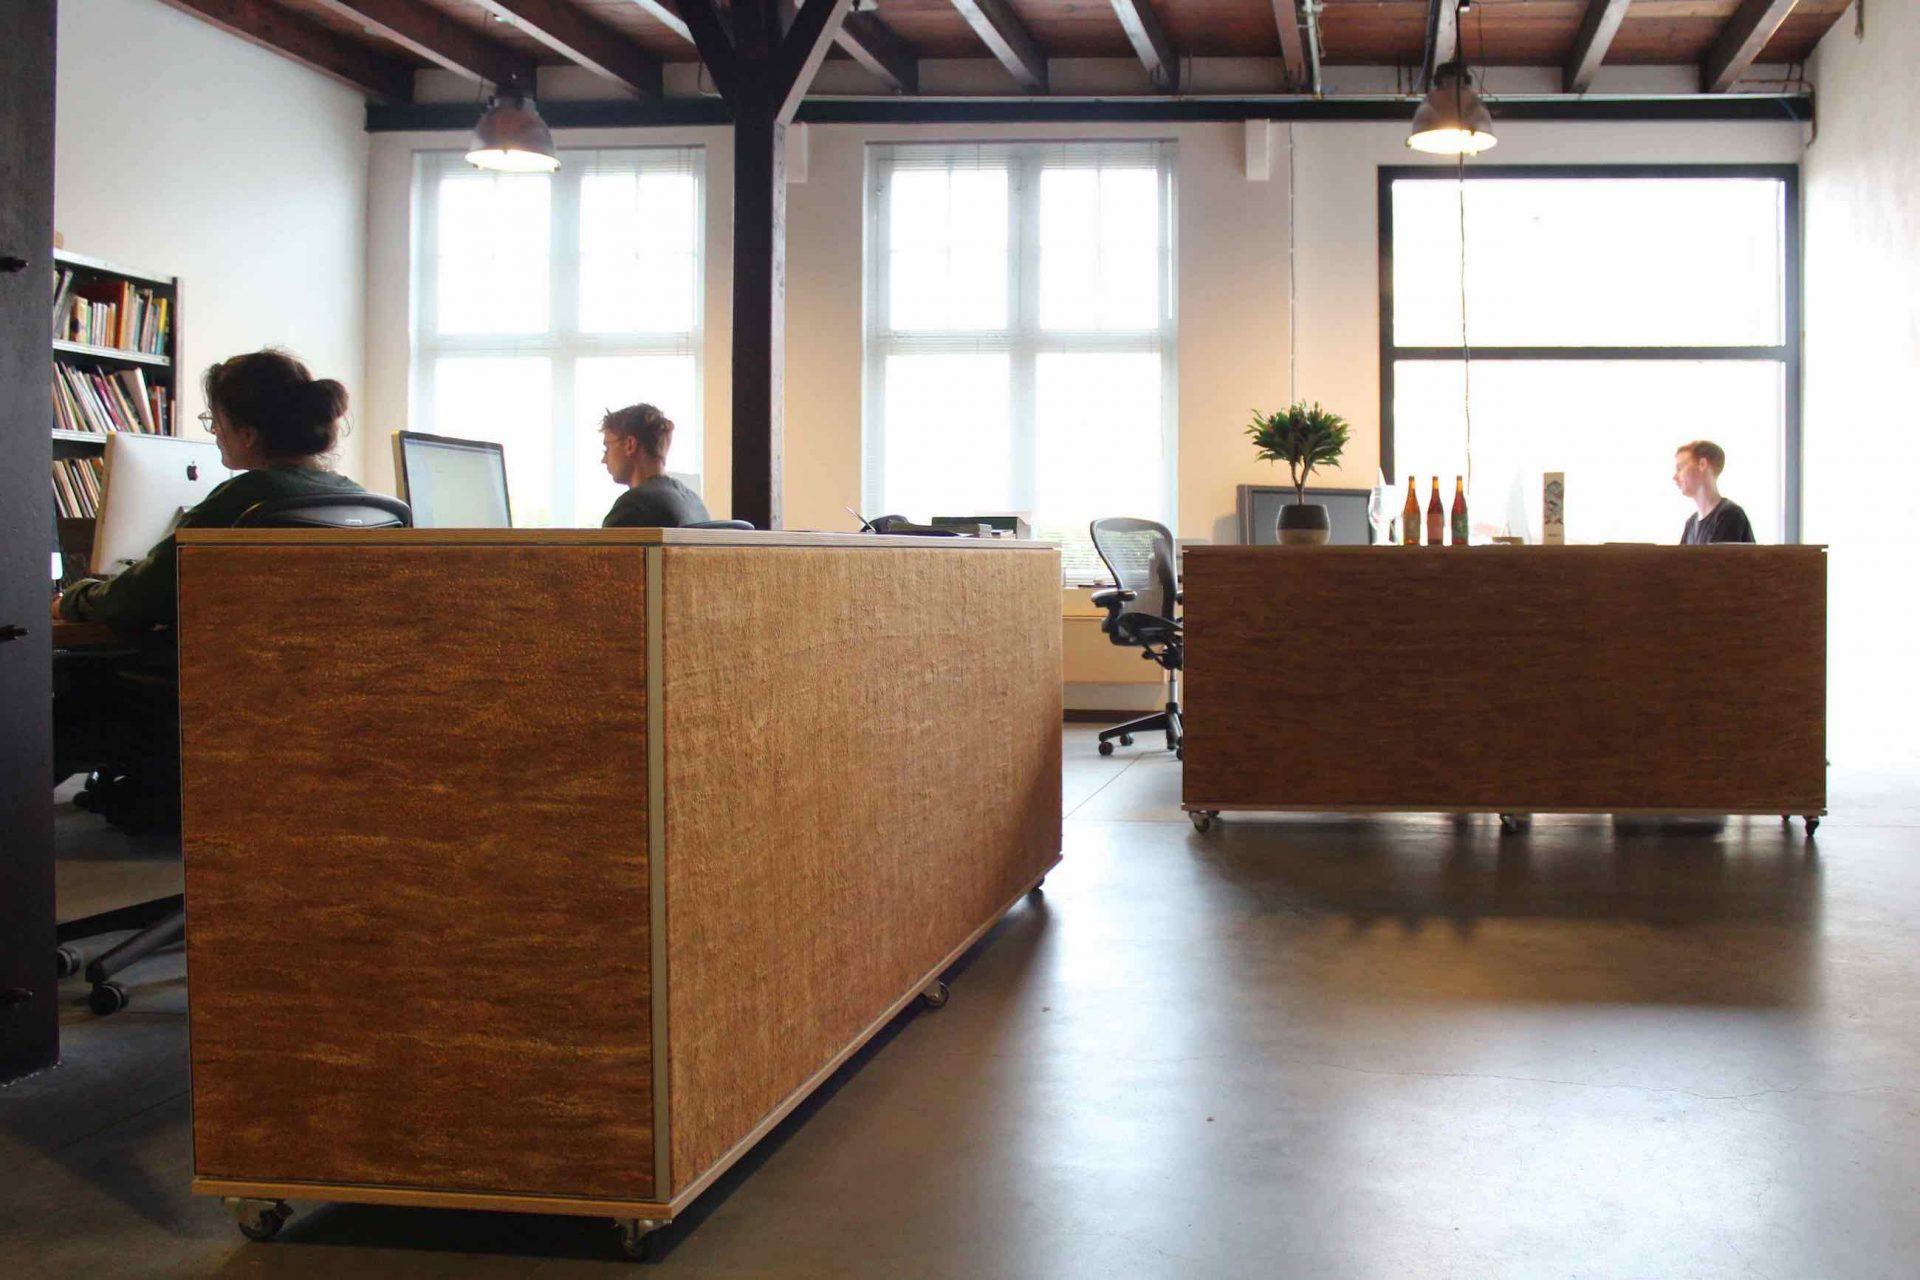 Maatwerkkasten met akoestische werking in kantoorsetting.